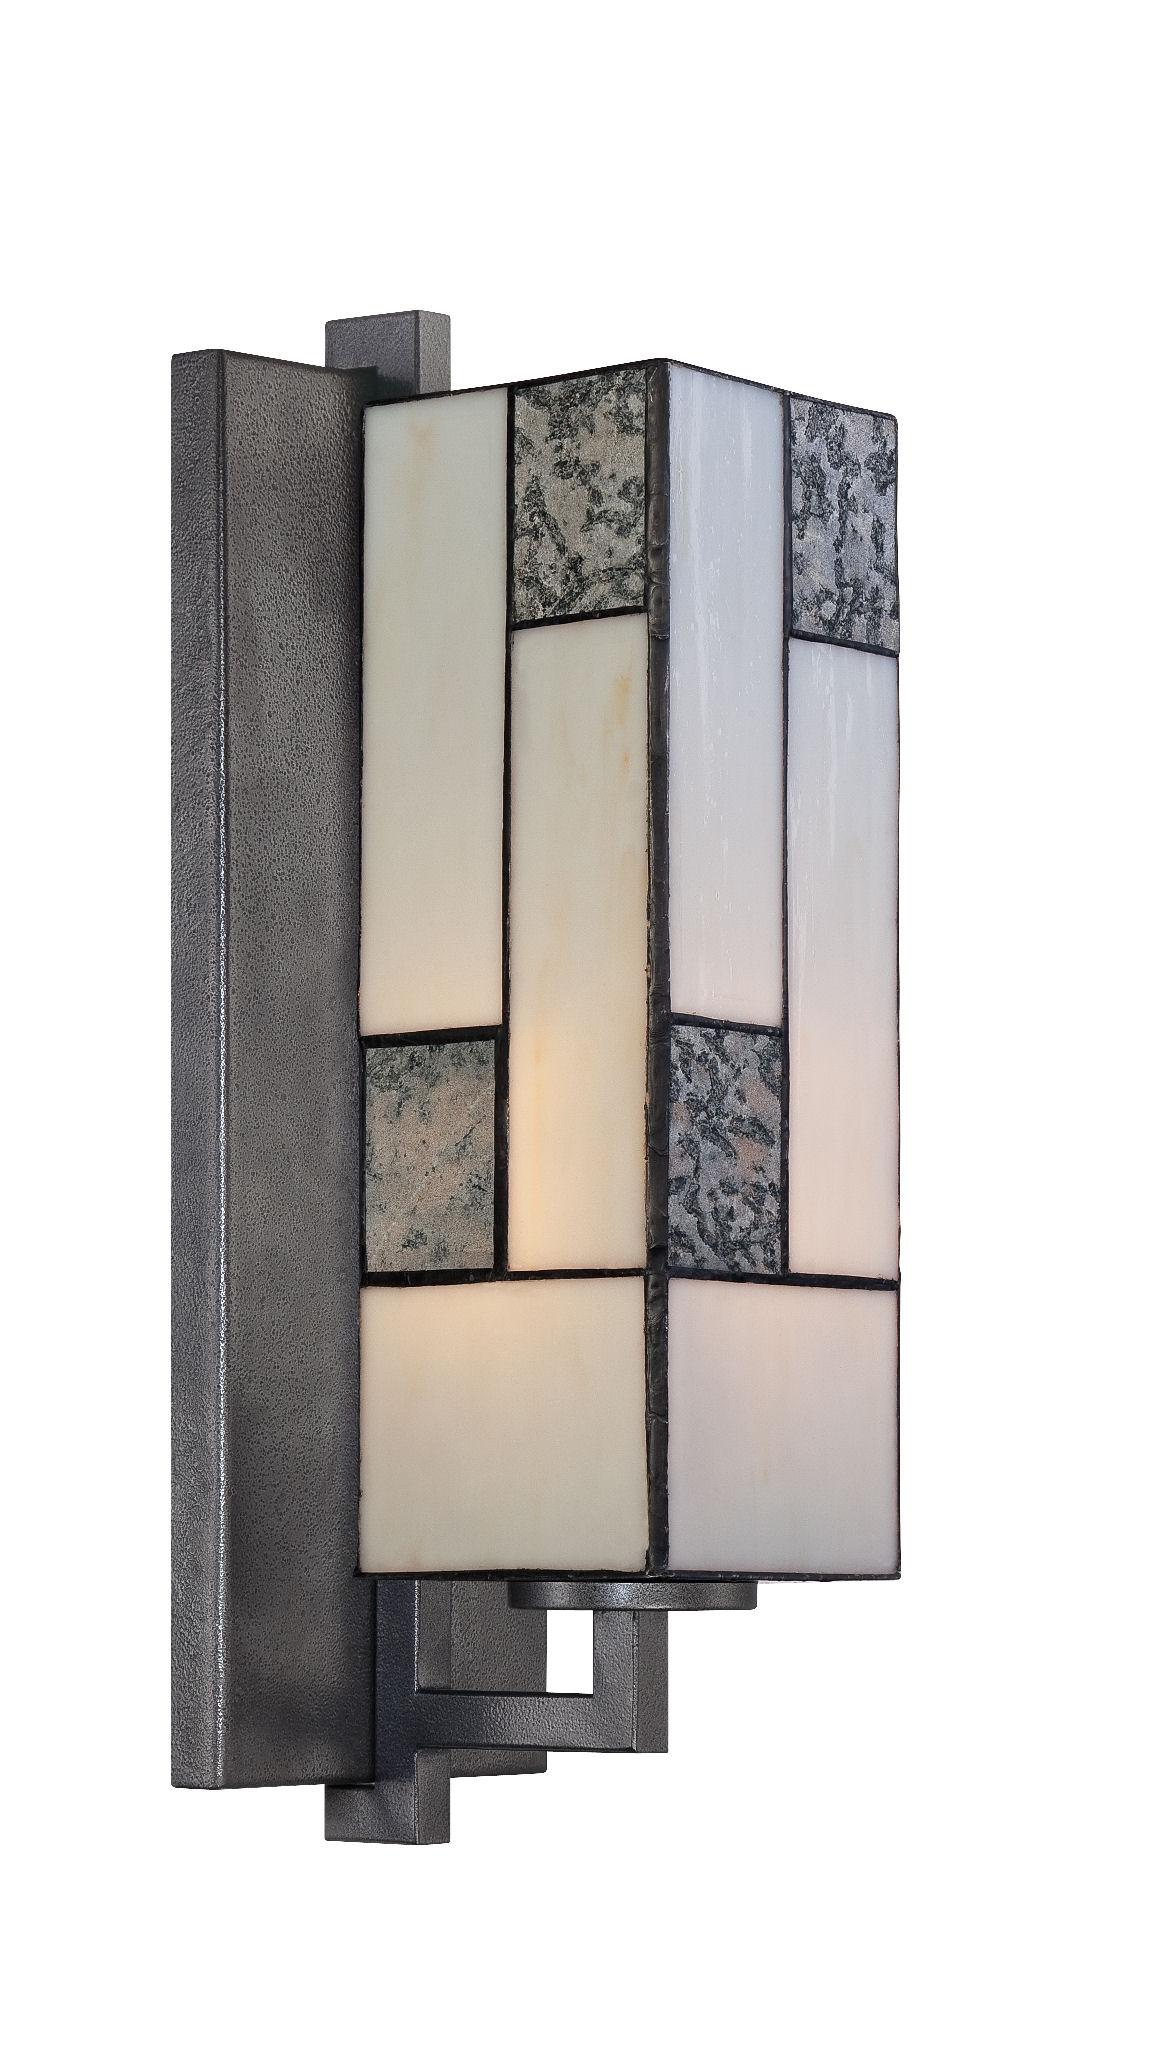 art deco bathroom wall lights photo - 1